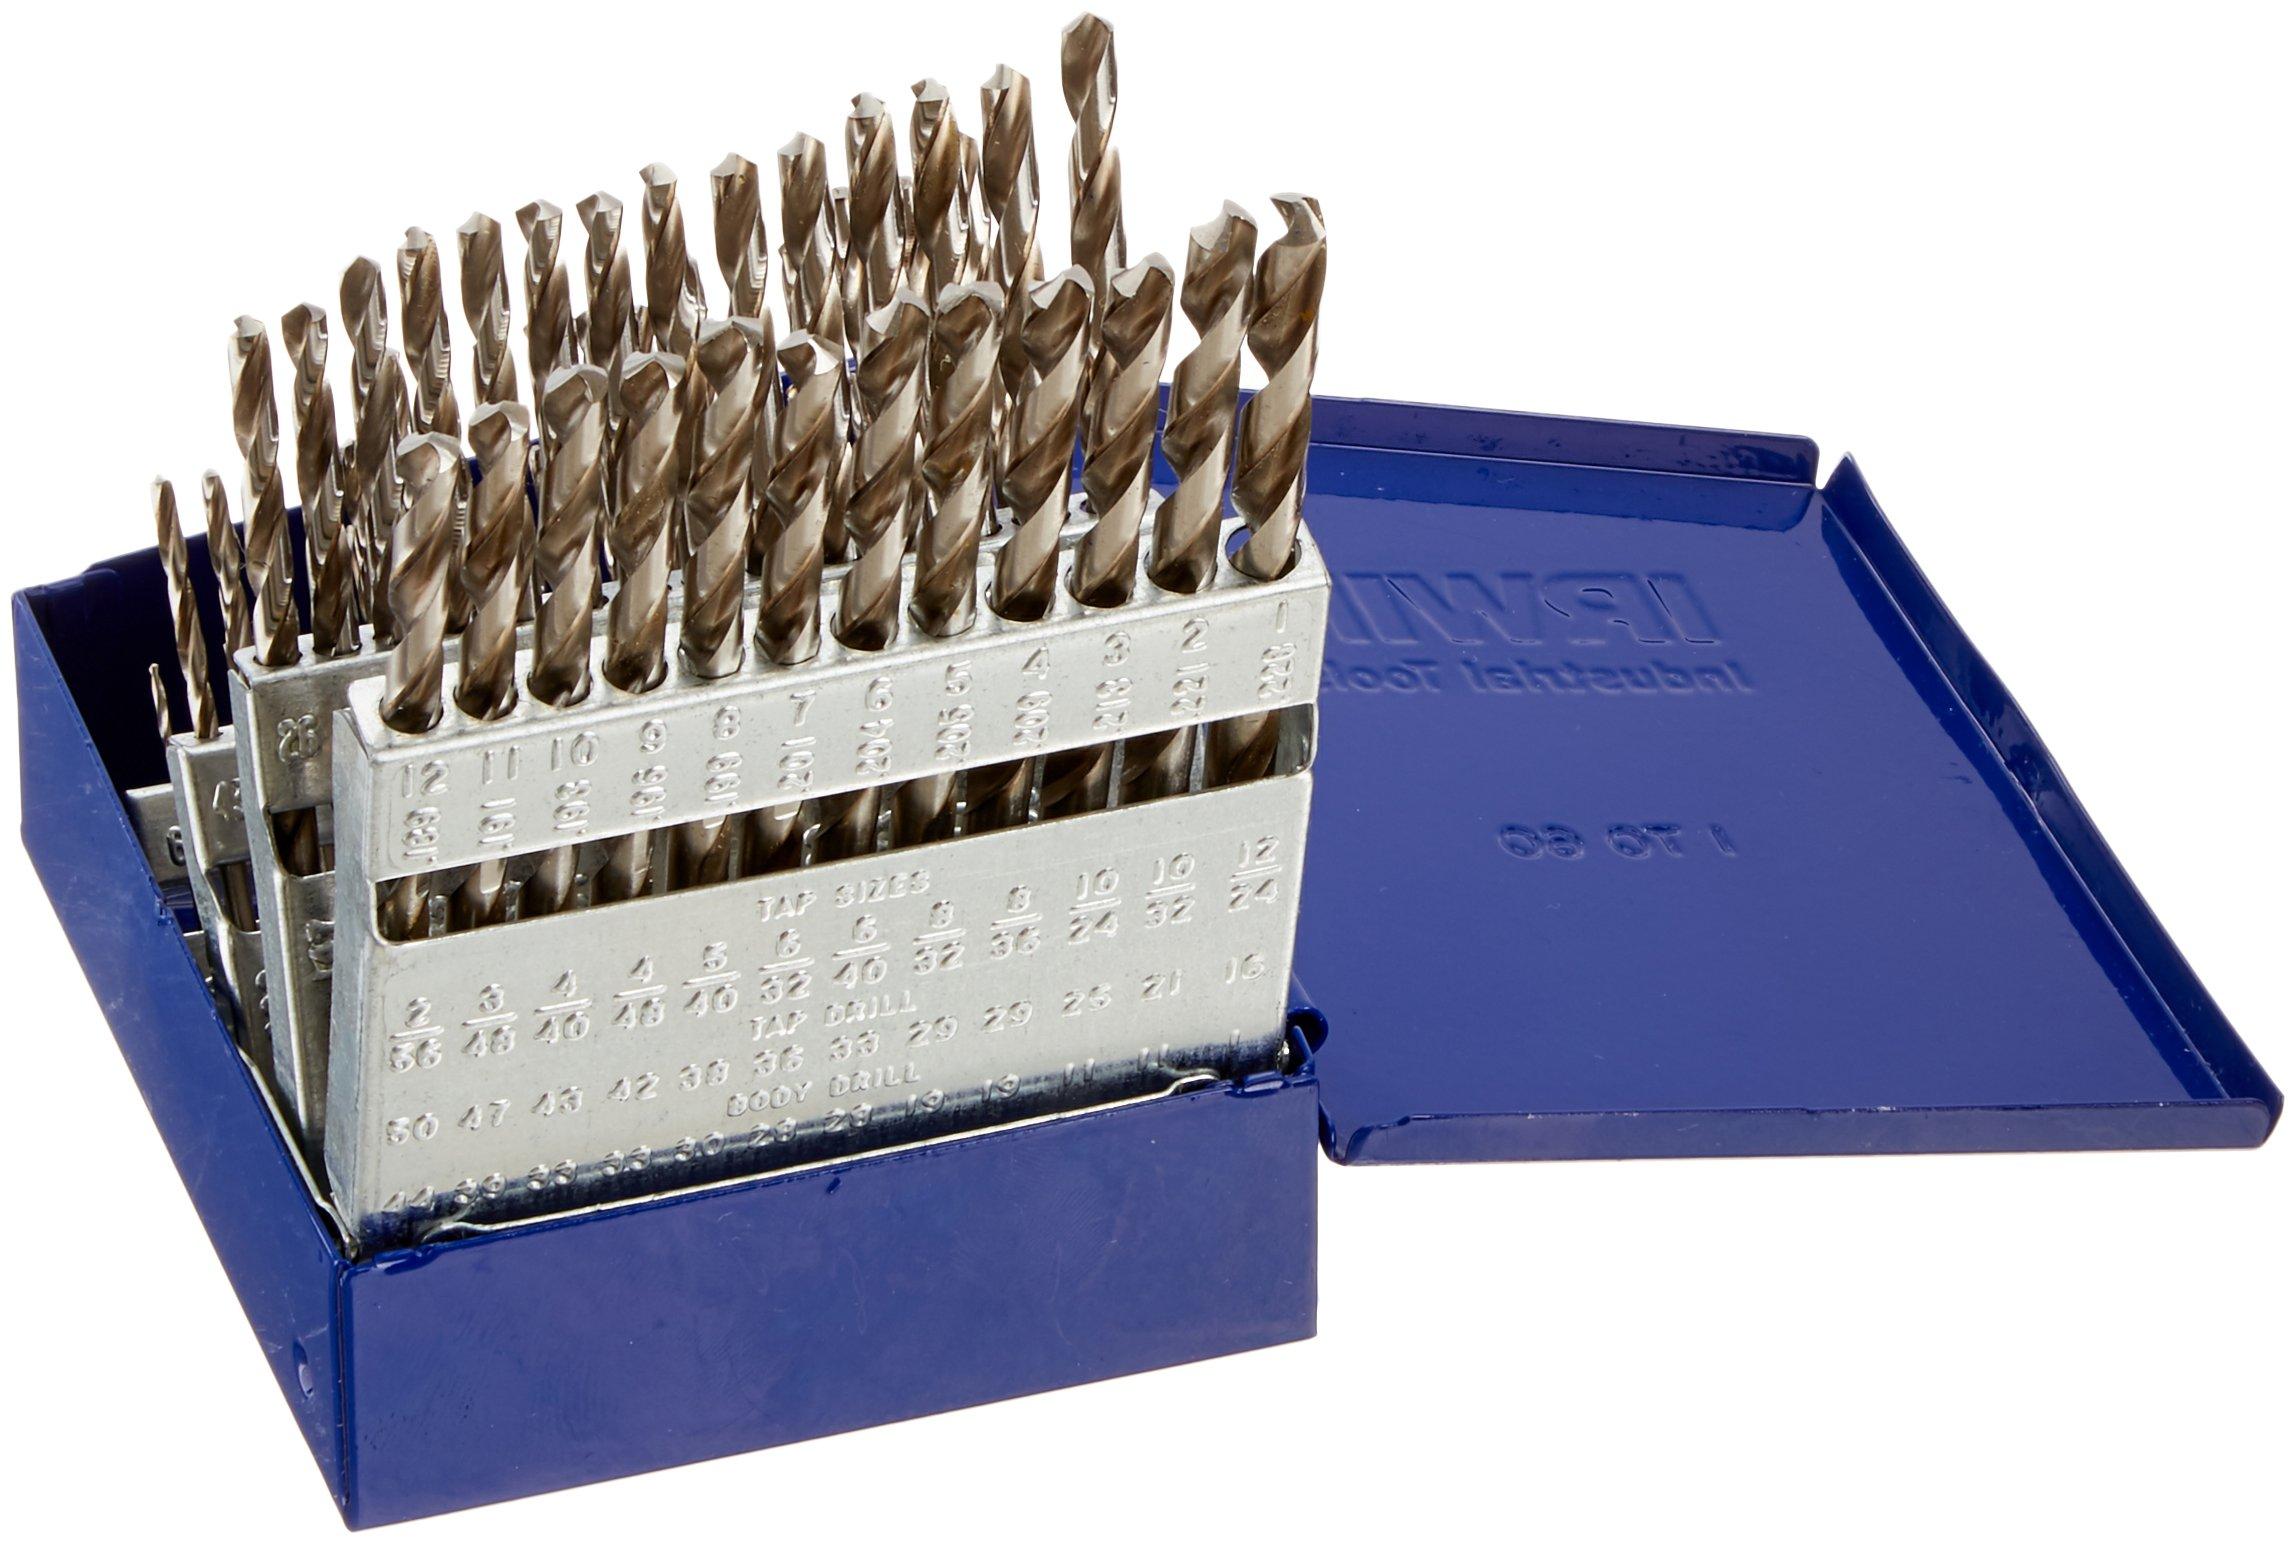 IRWIN Drill Bit Set, 60-Piece (80181) by IRWIN